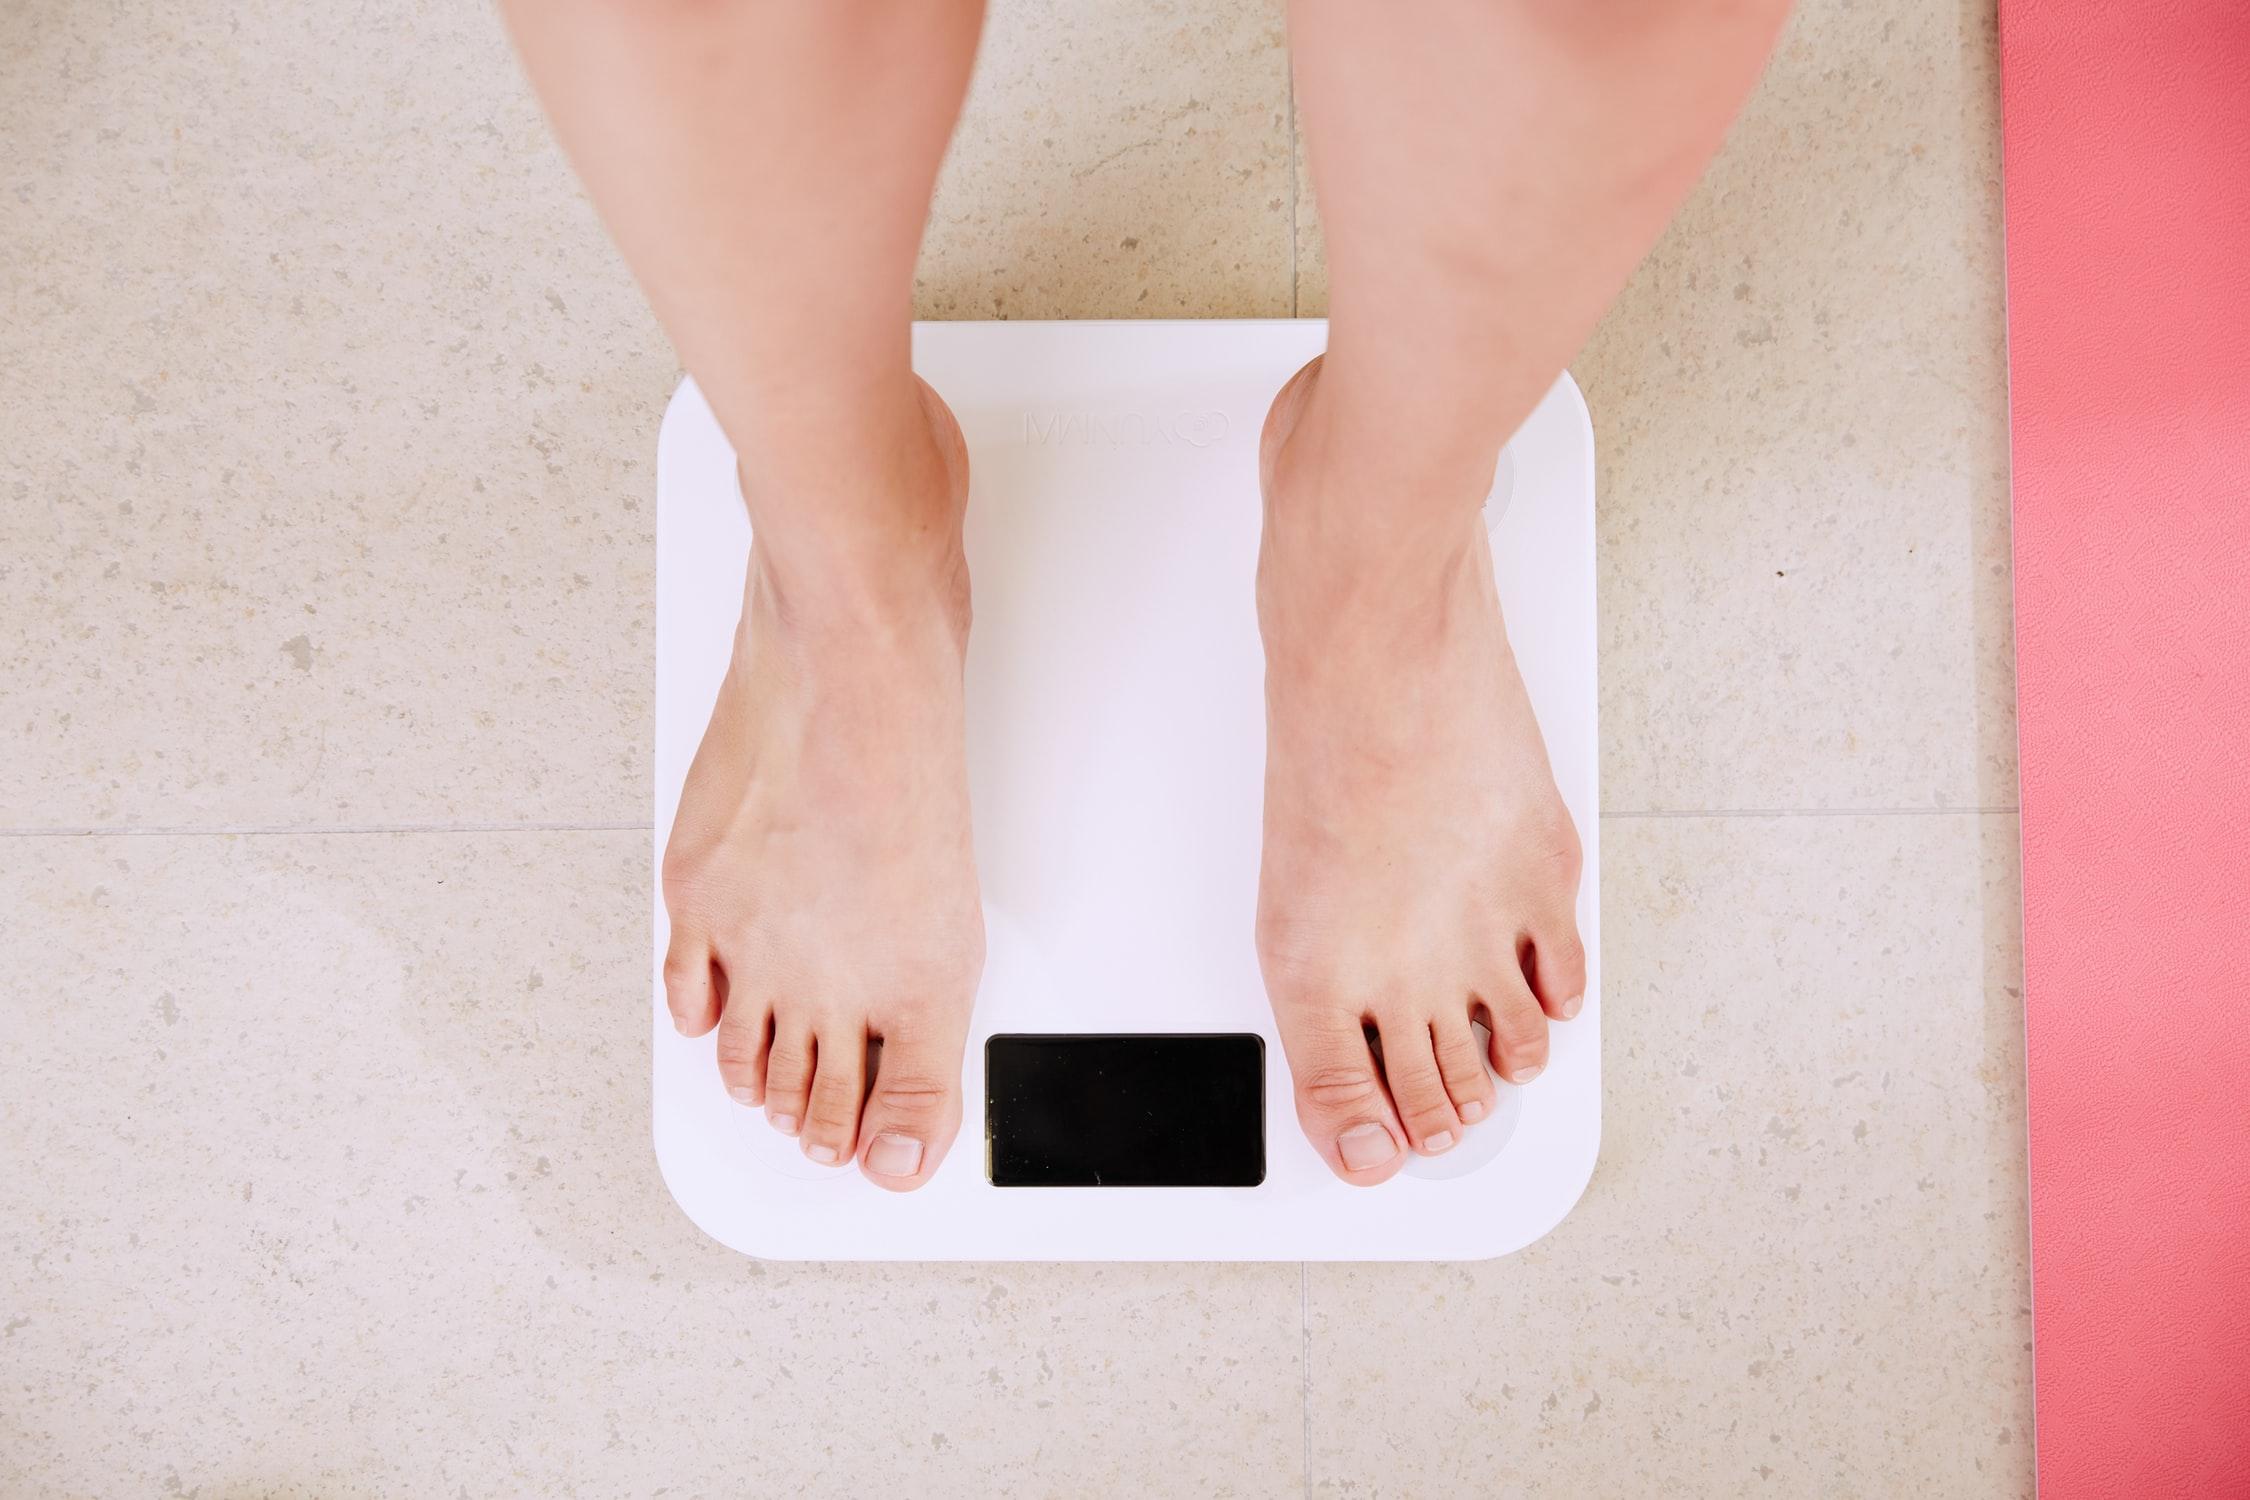 食事制限したくないから運動で頑張って体脂肪を落としている